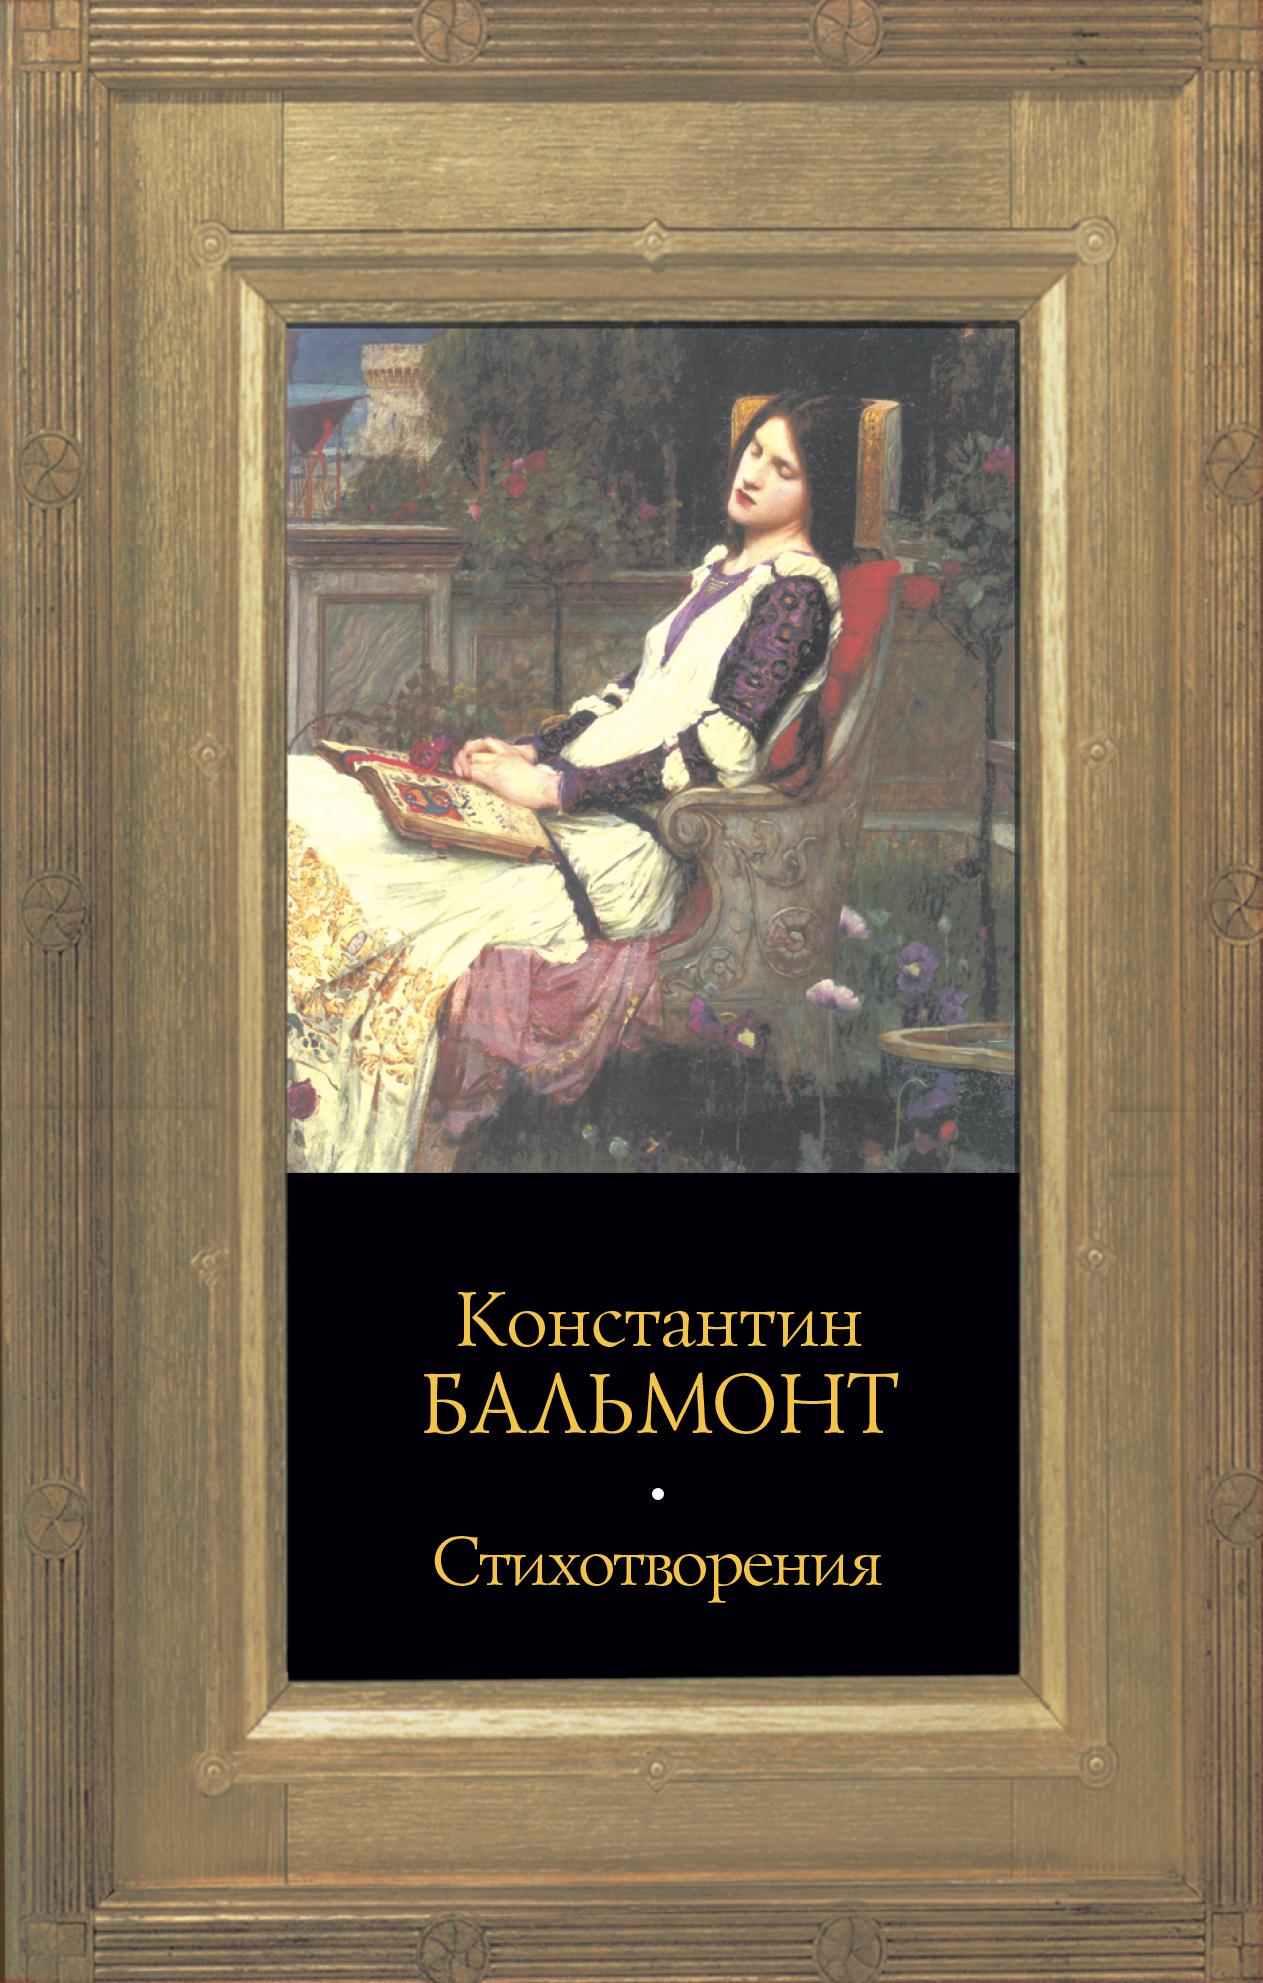 Константин Бальмонт Стихотворения константин бальмонт горящие здания